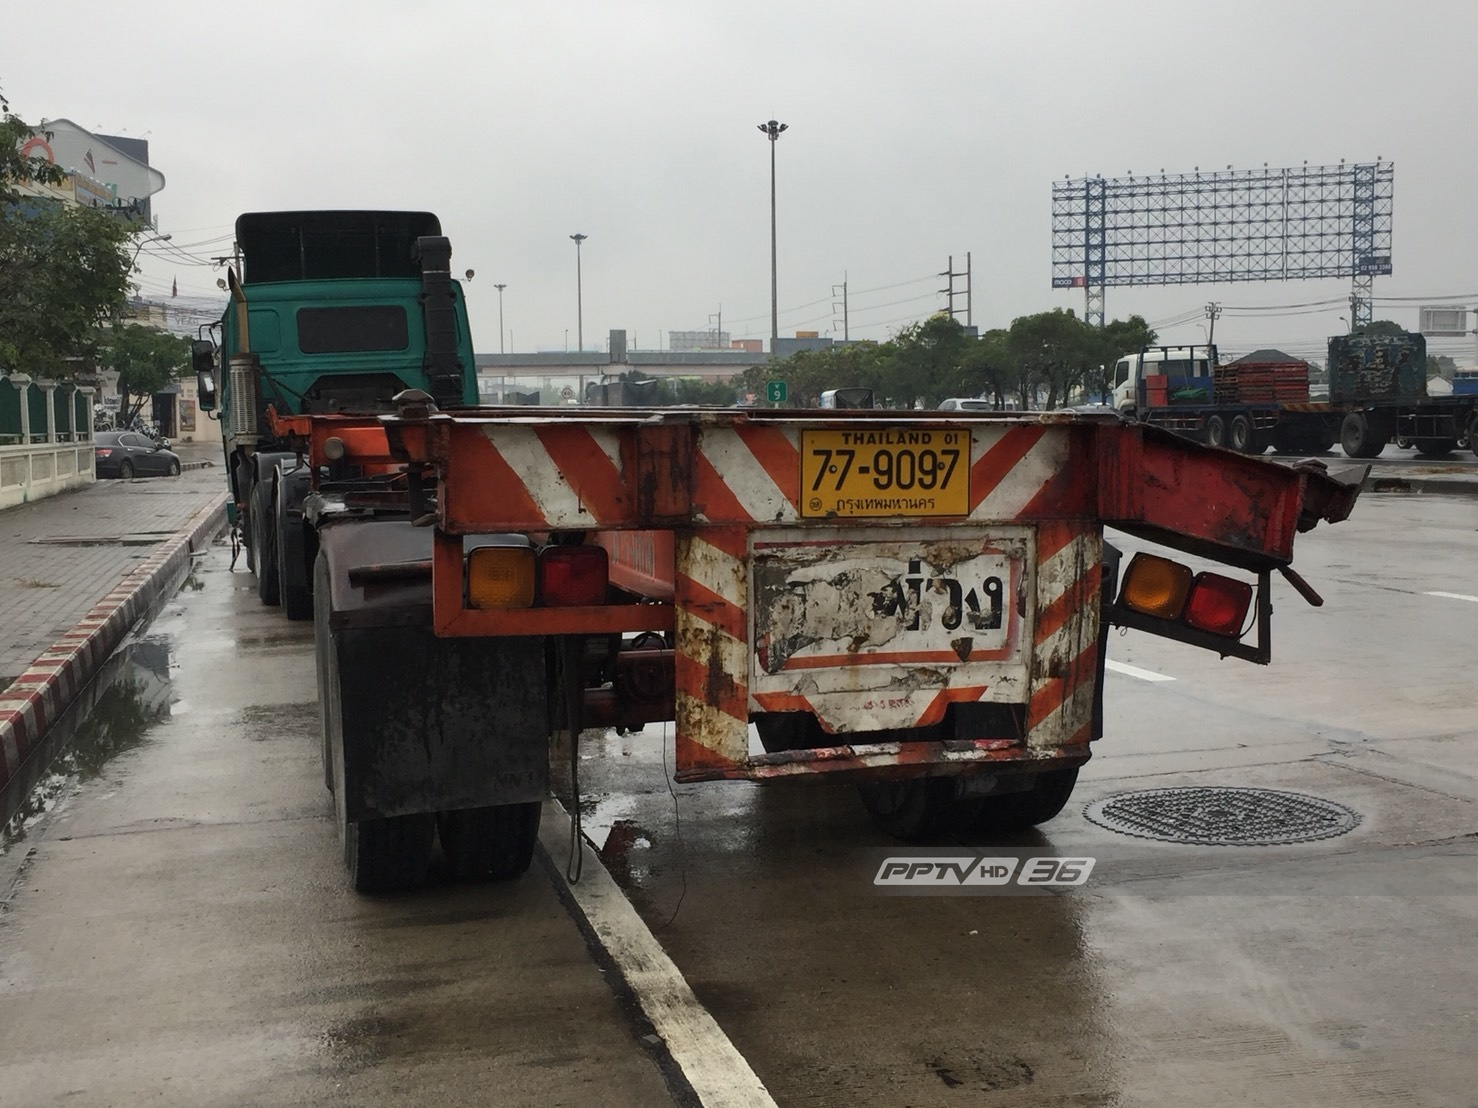 รถบรรทุกชนไหล่ทางคานหัก ตู้คอนเทนเนอร์หล่นทับรถเก๋ง